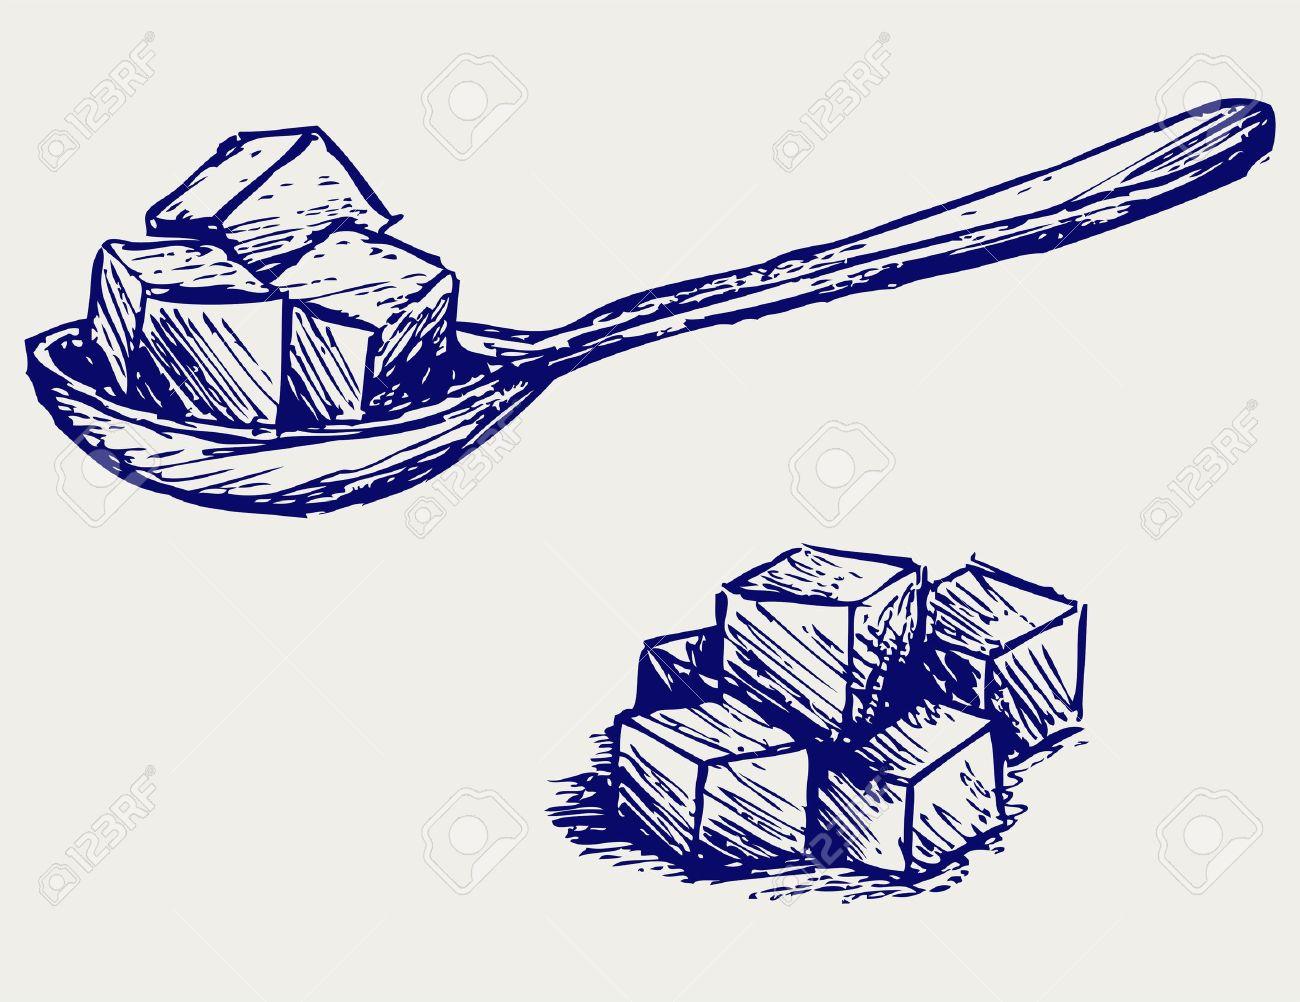 refined white sugar doodle style royalty free cliparts vectors rh 123rf com Jesus Clip Art Noah SugarDoodle